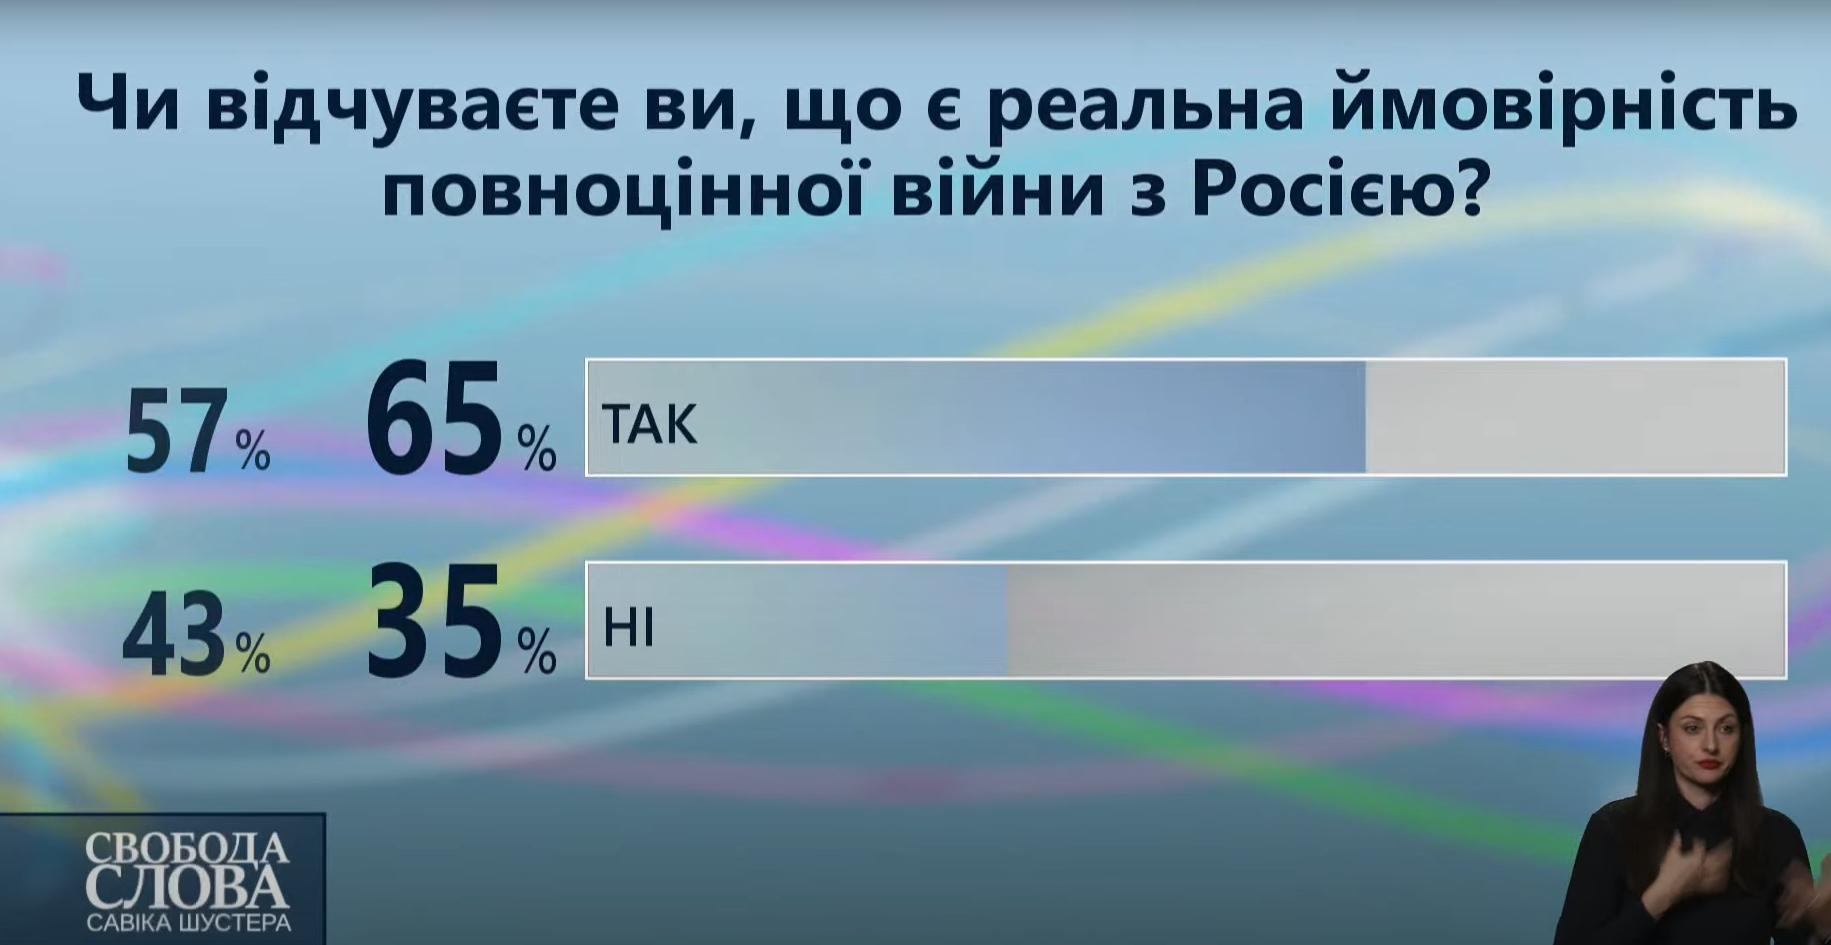 Новые результаты голосования.